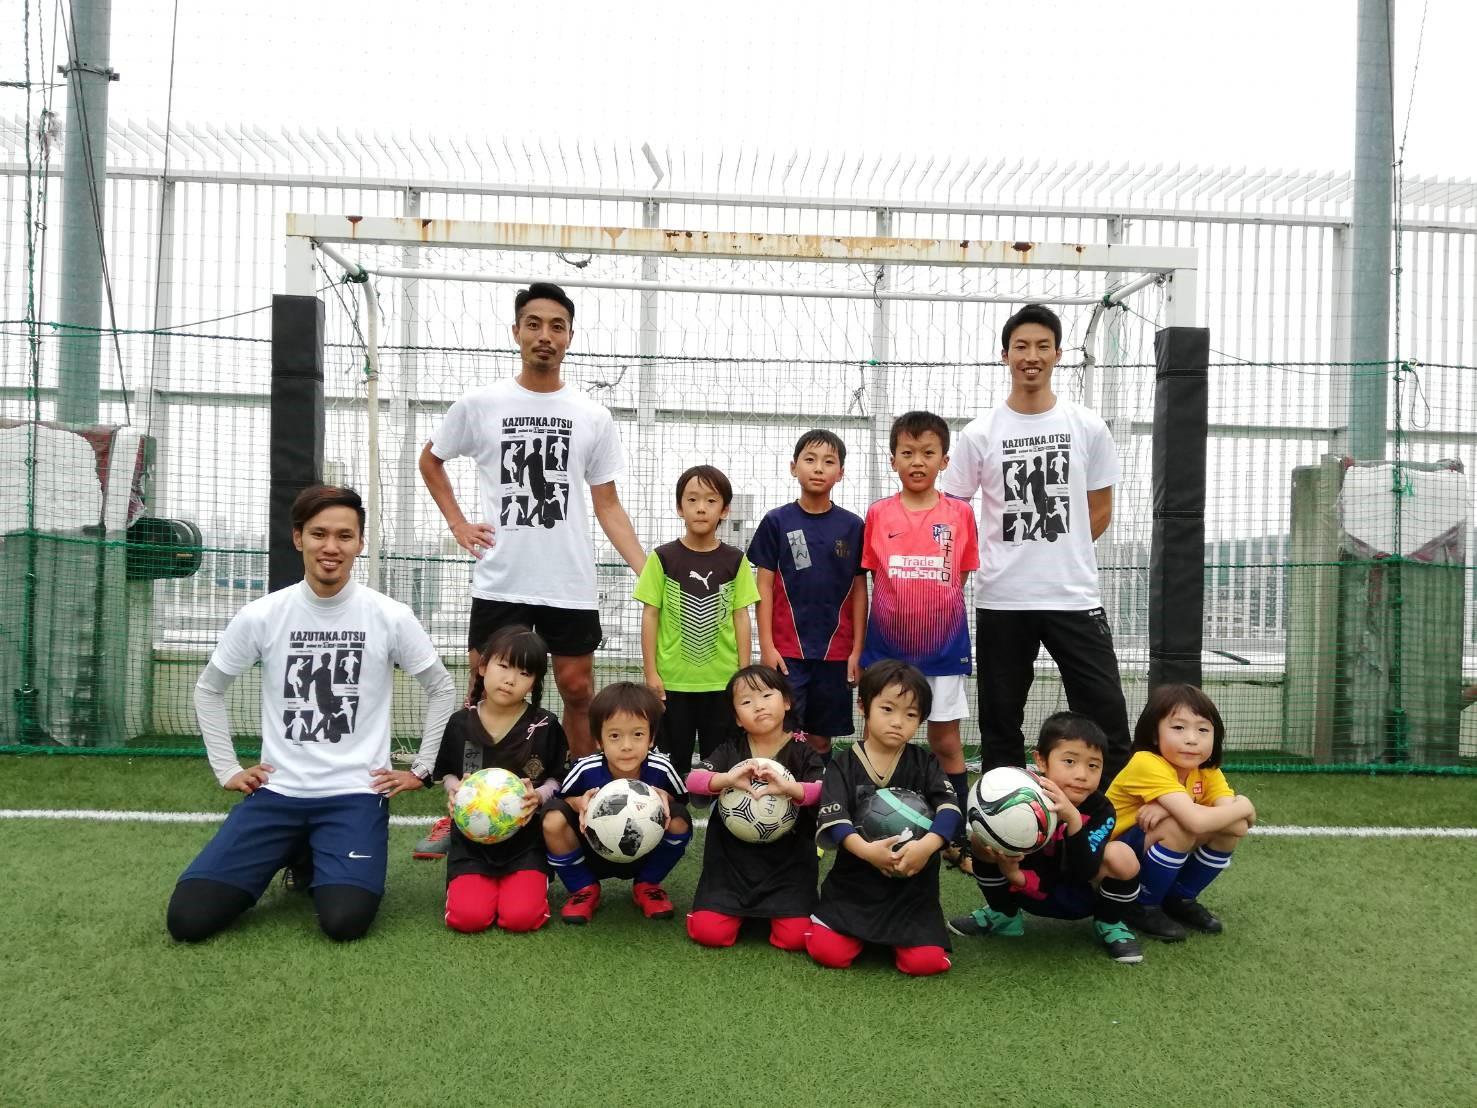 ホームテック(株)主催 サッカー教室を開催しました